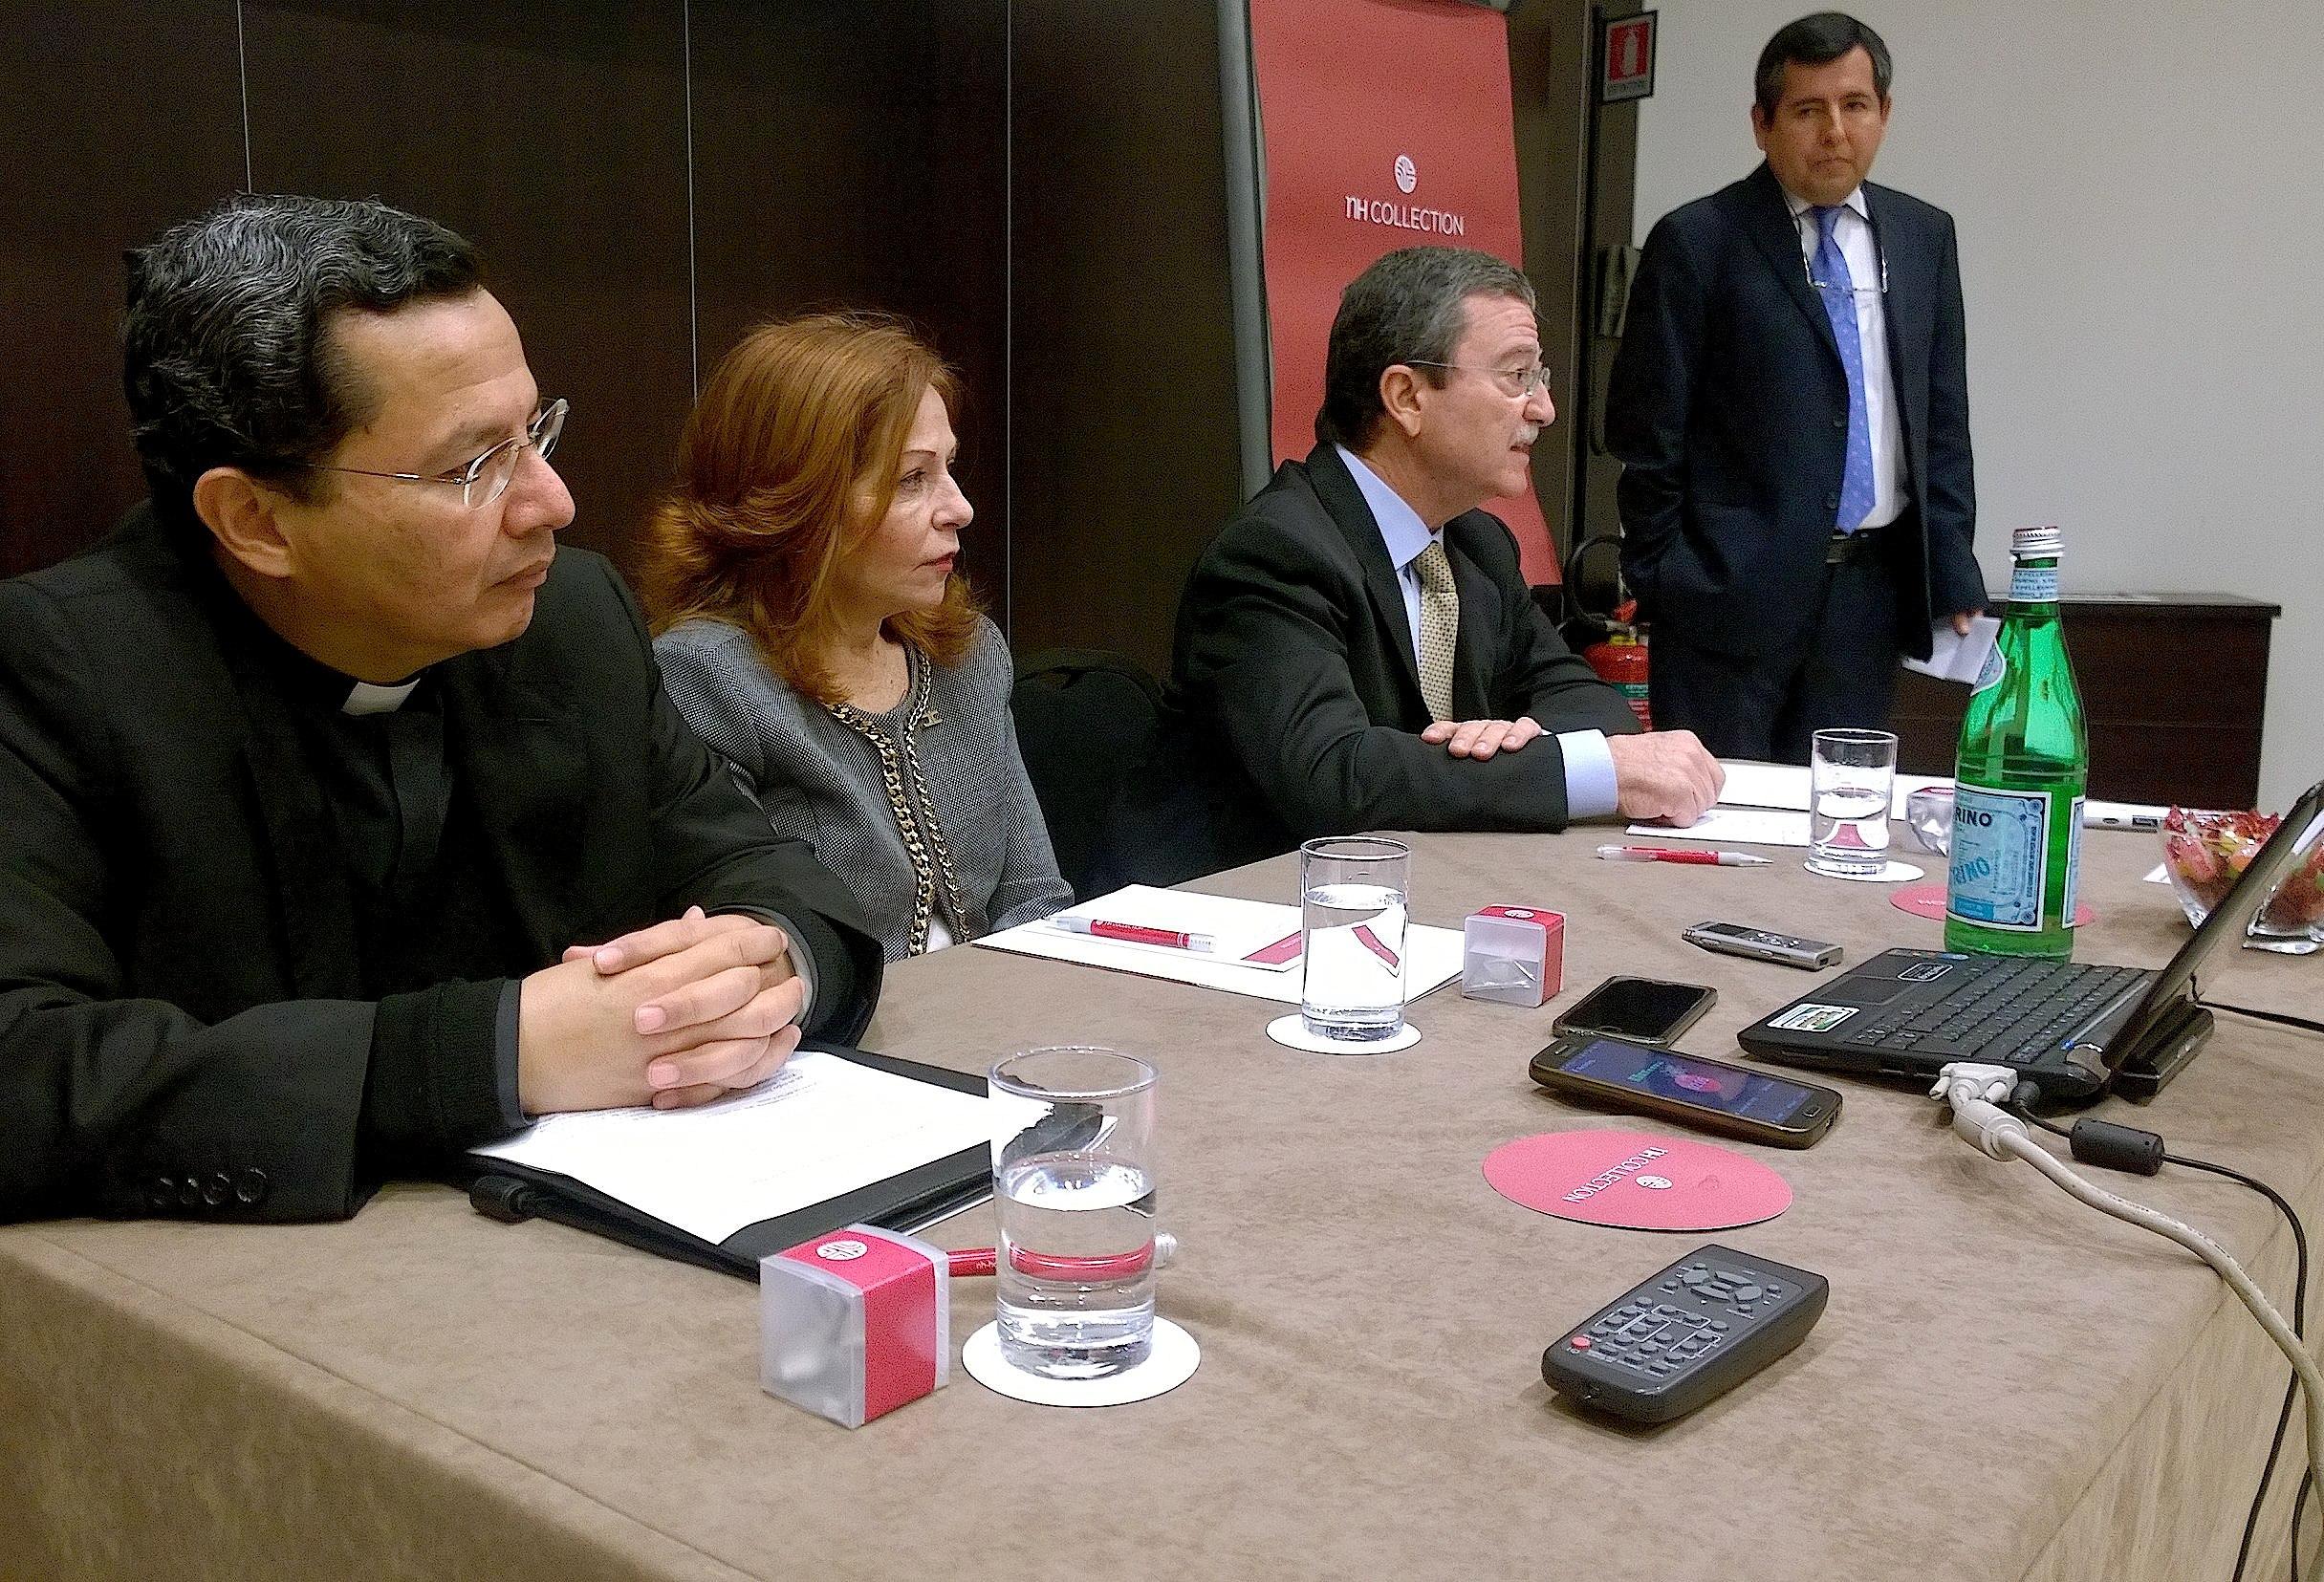 El embajador de México ante la Santa Sede, Mariano Palacios Alcocer; la periodista Valentina Alazraki; y el rector del colegio Mexicano, Armando Flores Navarro